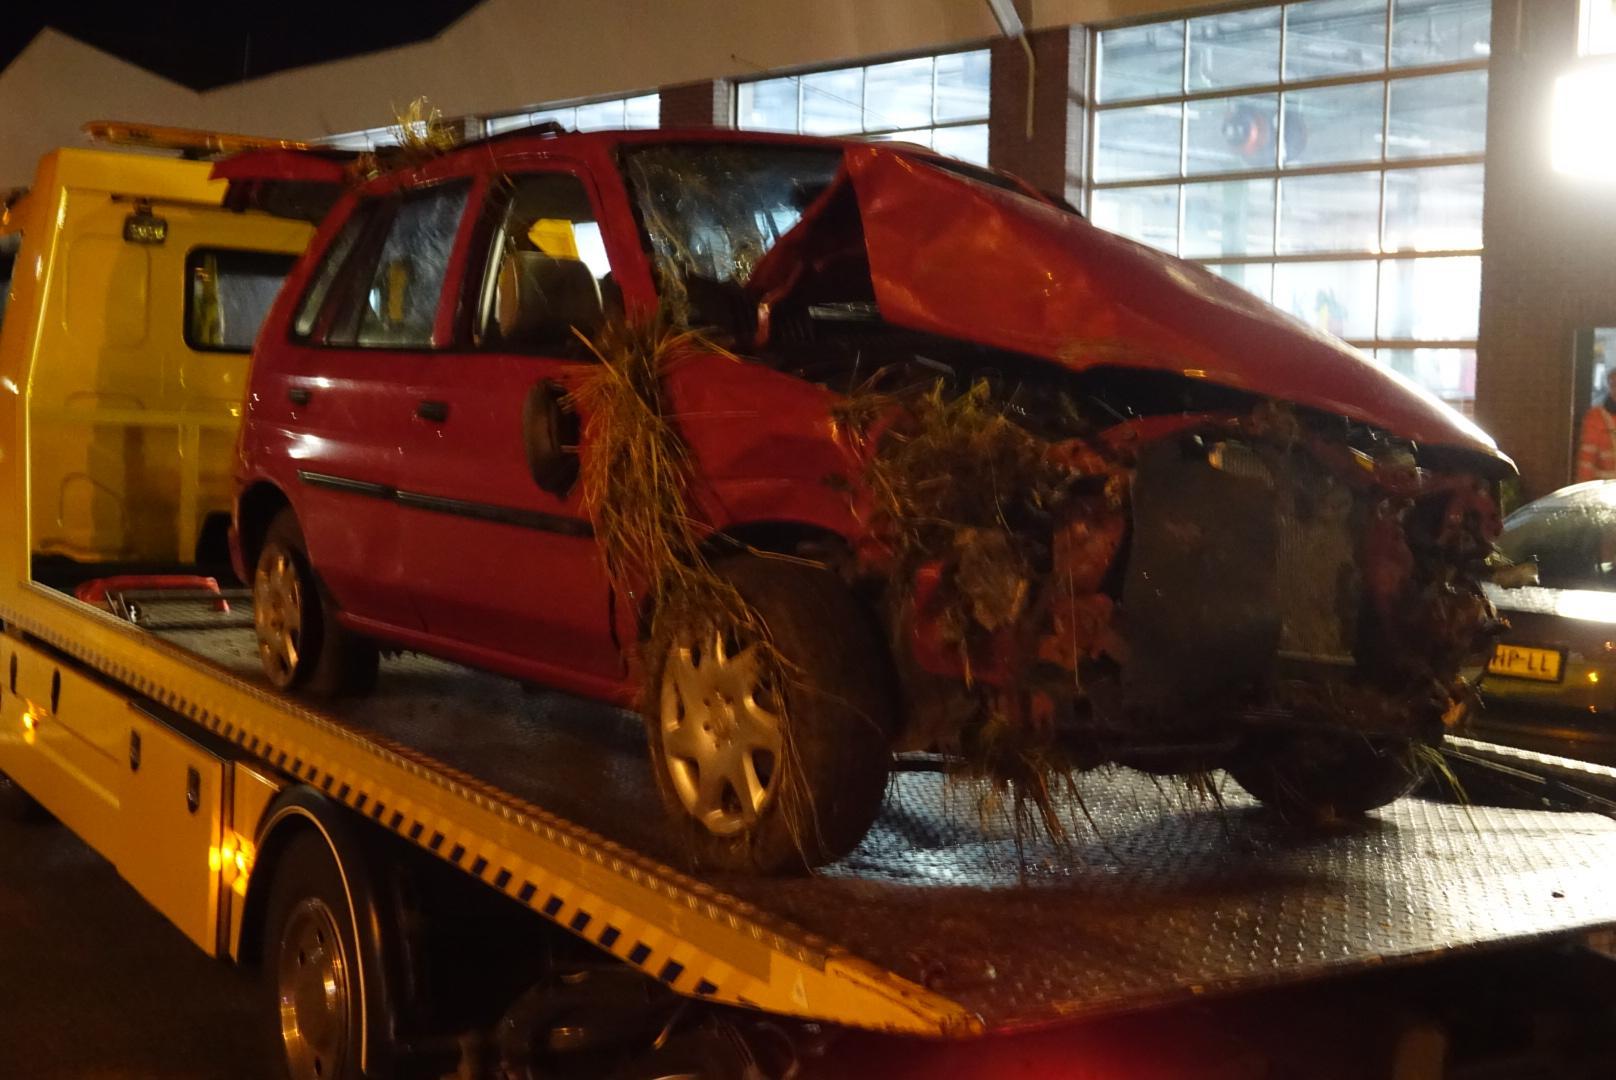 Traumaheli geland op A7 bij Avenhorn; bestuurder bekneld bij ongeval [update]